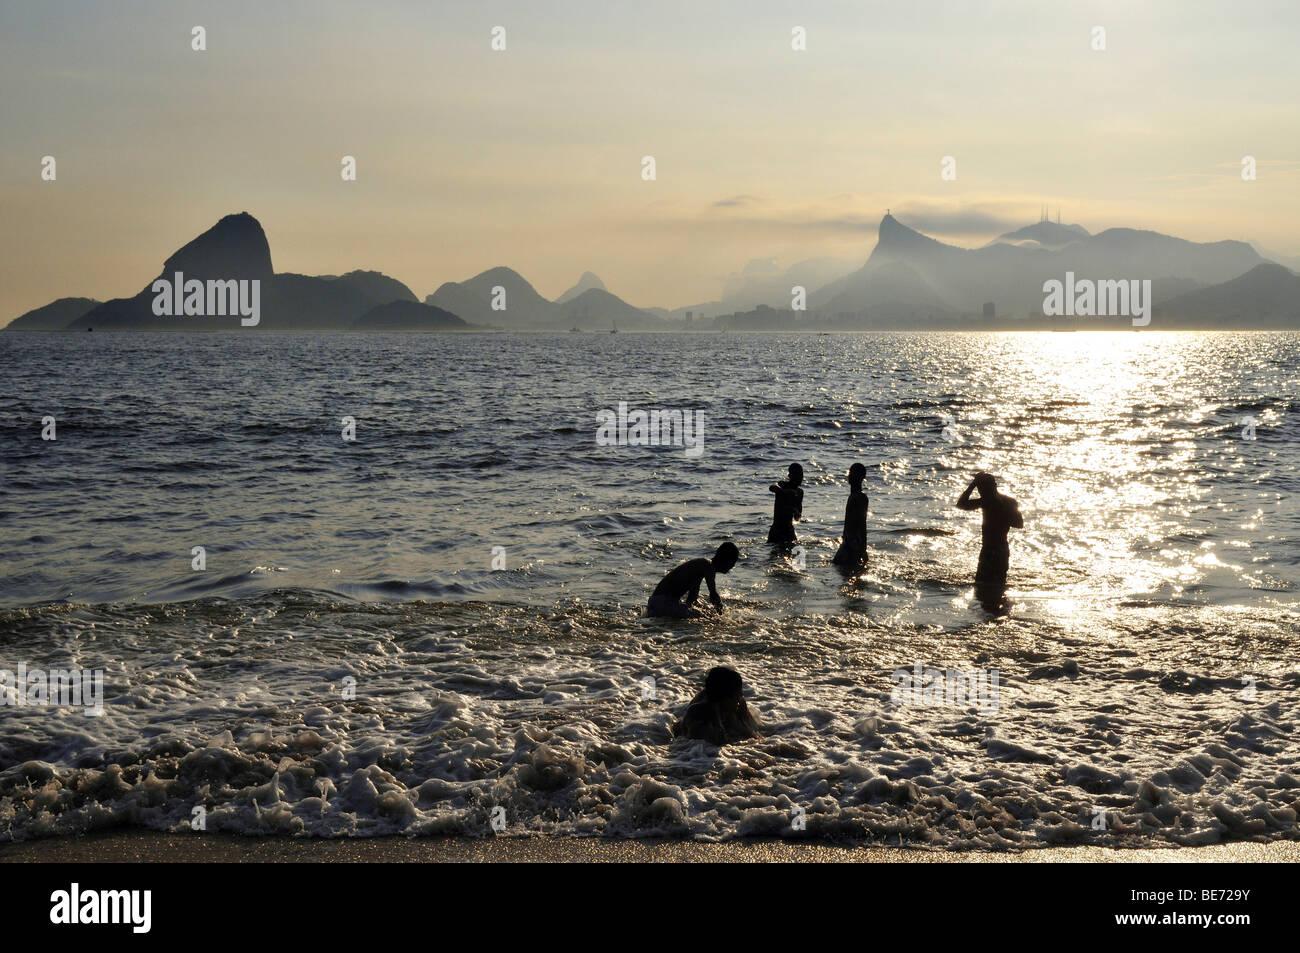 Los jóvenes en vista del océano y de la Montaña Pan de Azúcar y Corcovado, Niteroi, Rio de Janeiro, Imagen De Stock